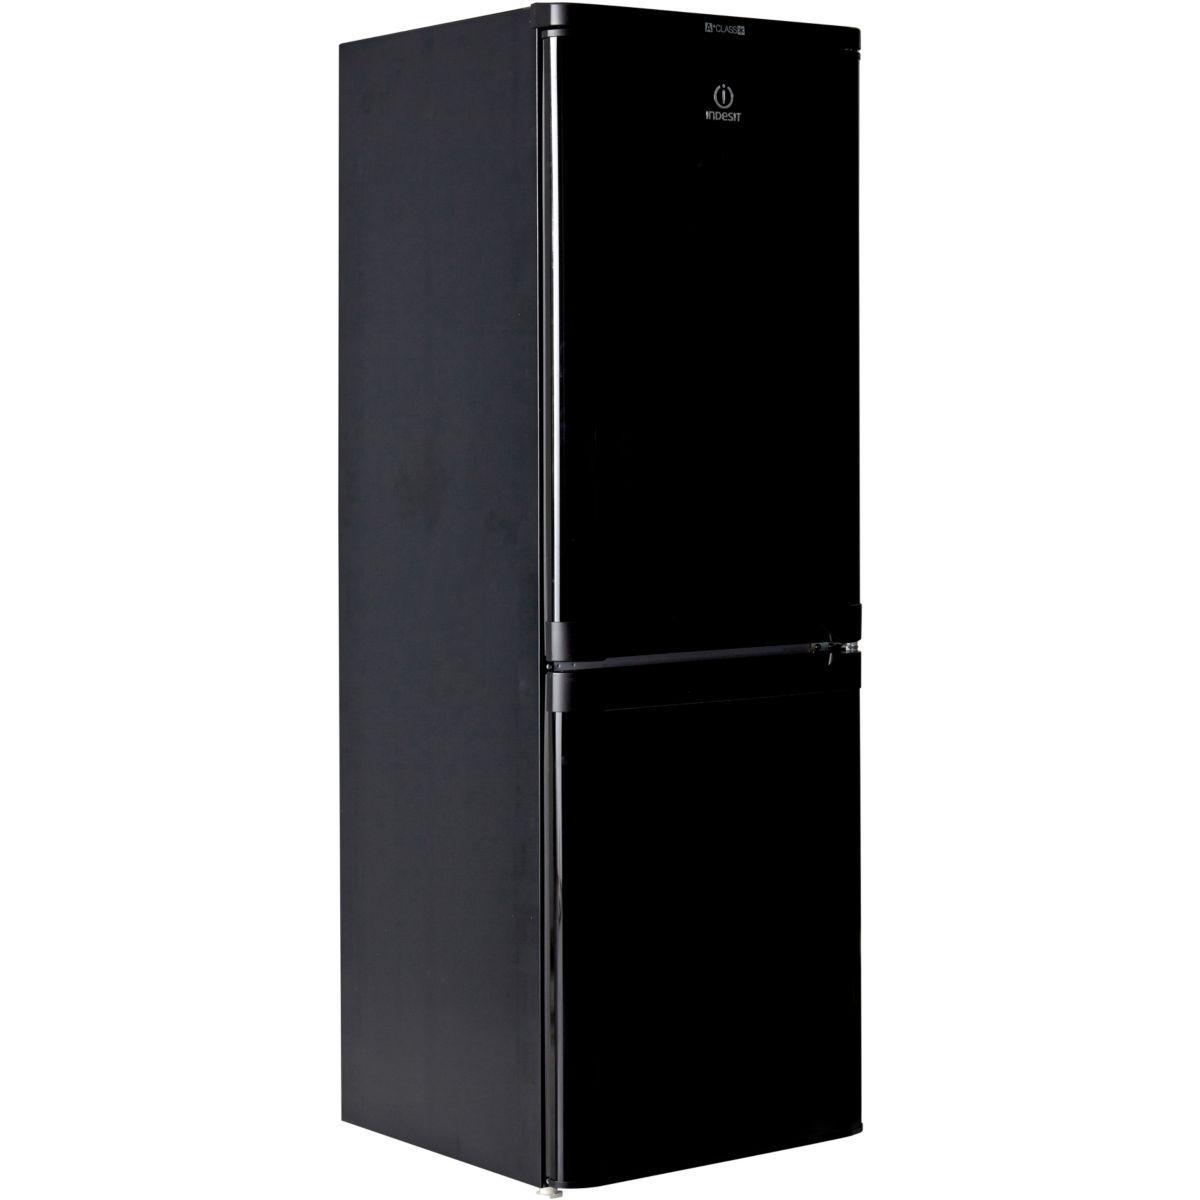 Réfrigérateur congélateur en bas indesit ncaa 55 k - 2% de remise : code gam2 (photo)